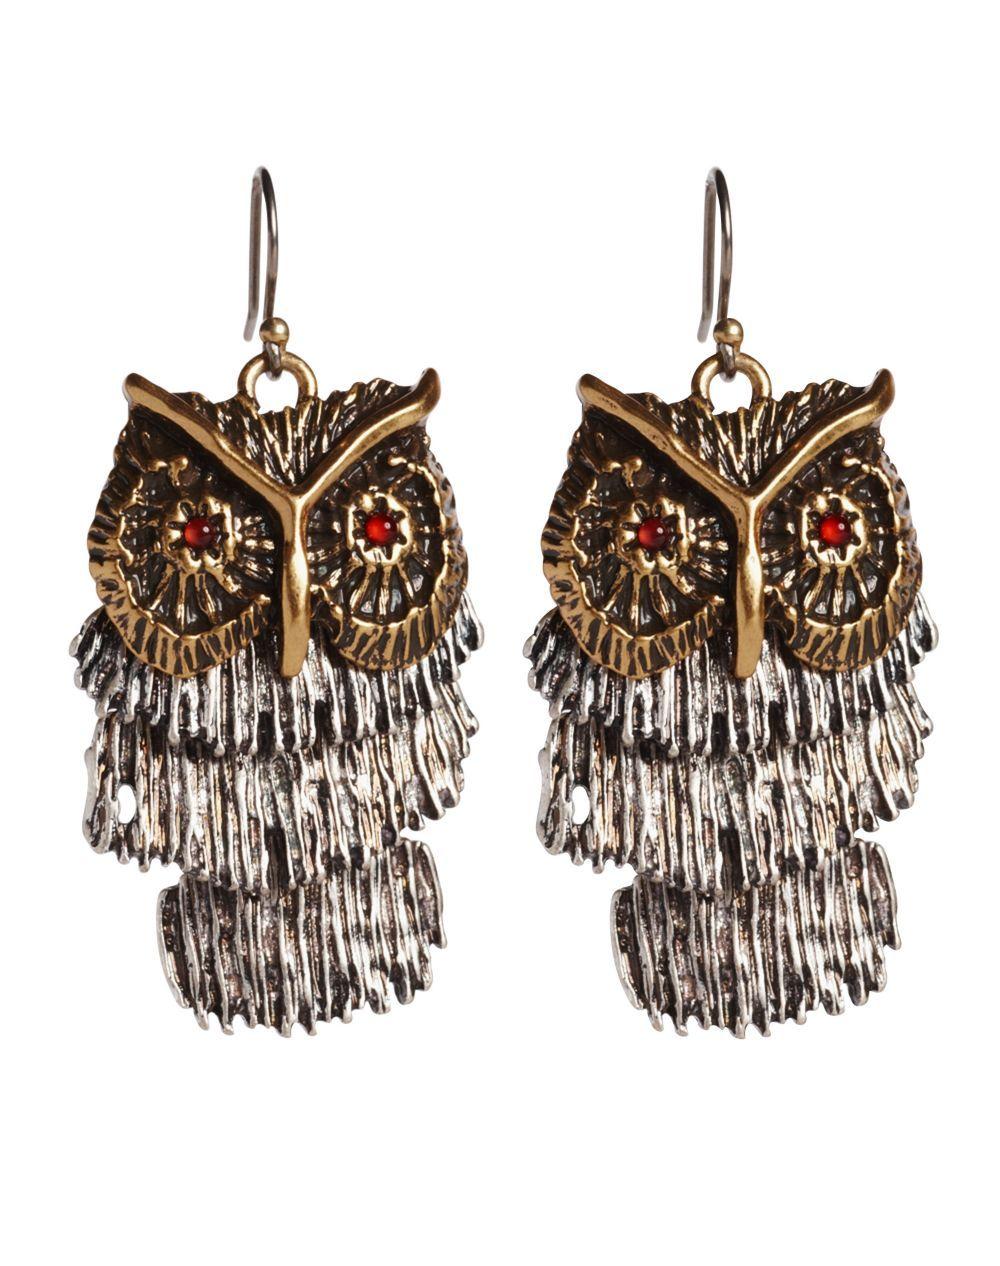 Shaky Owl Earrings Lucky Brand Jeans